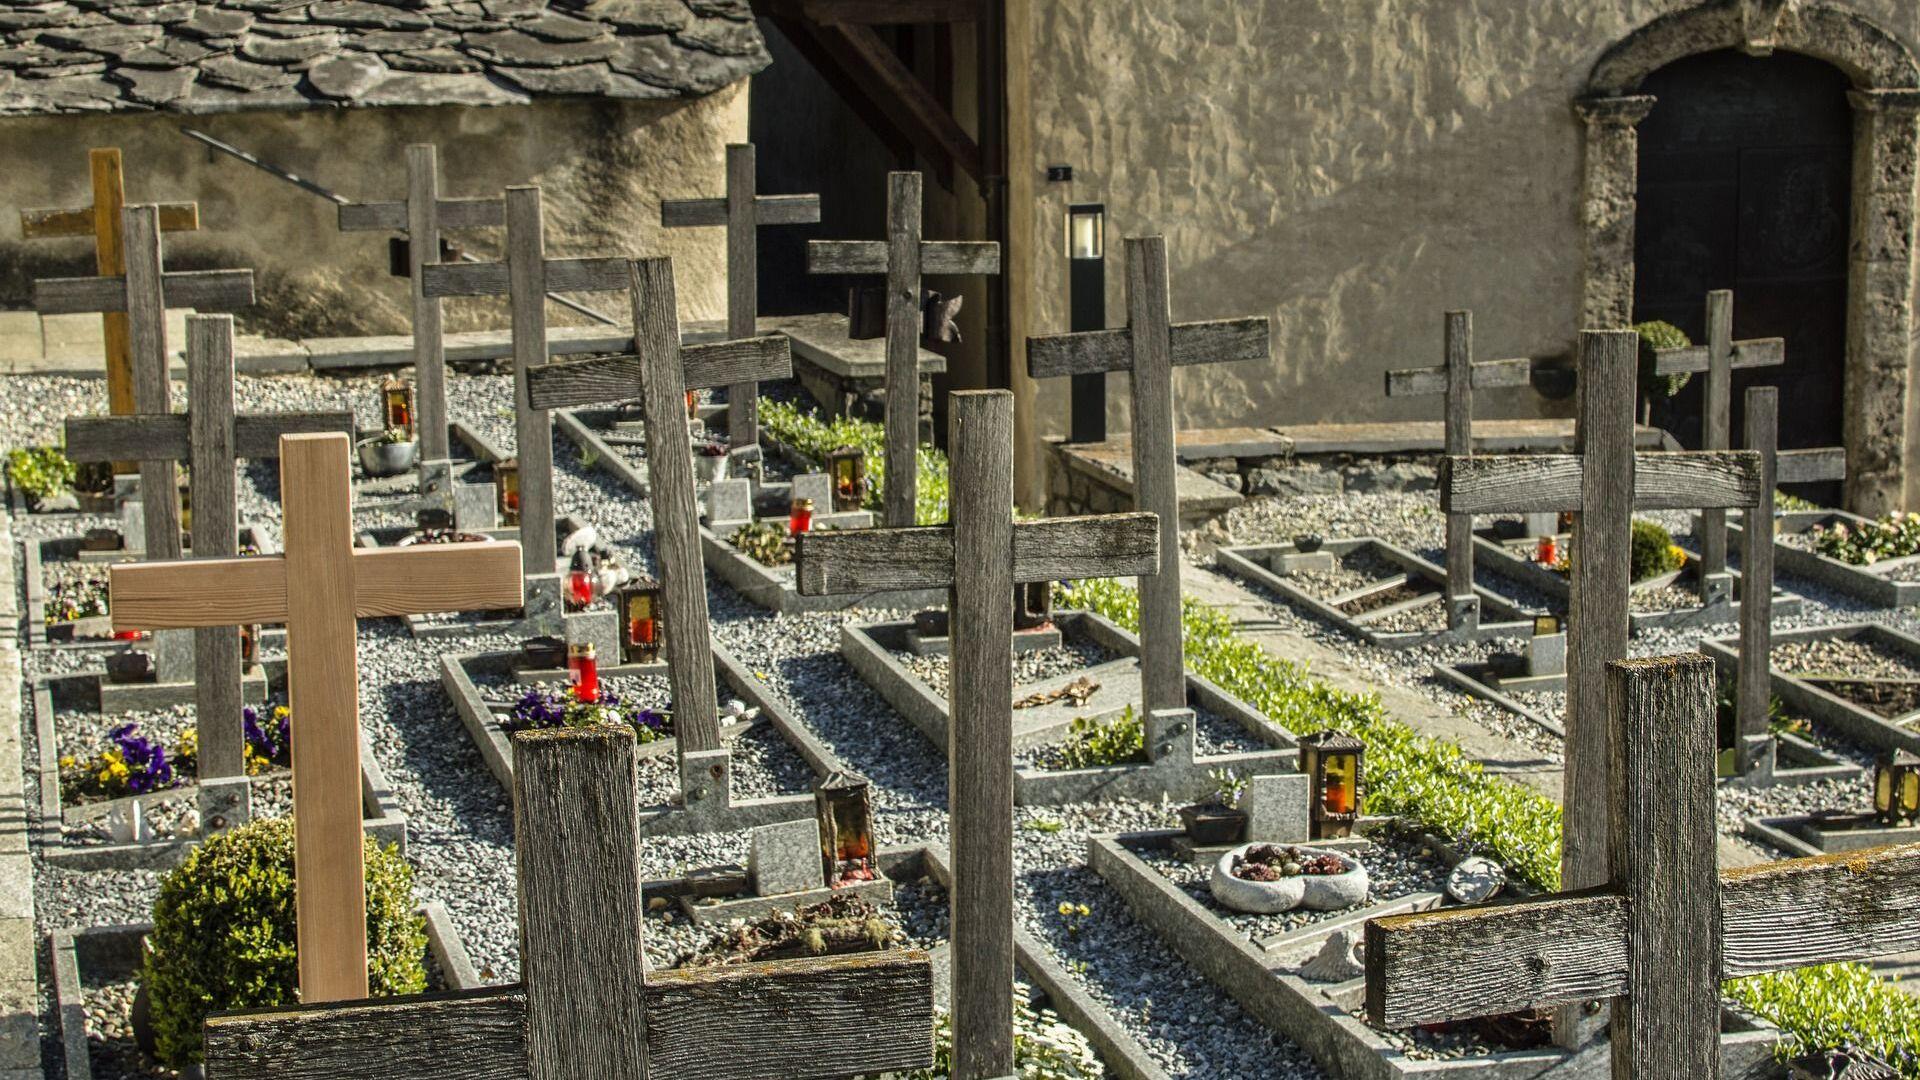 Un cementerio (imagen referencial) - Sputnik Mundo, 1920, 29.07.2021